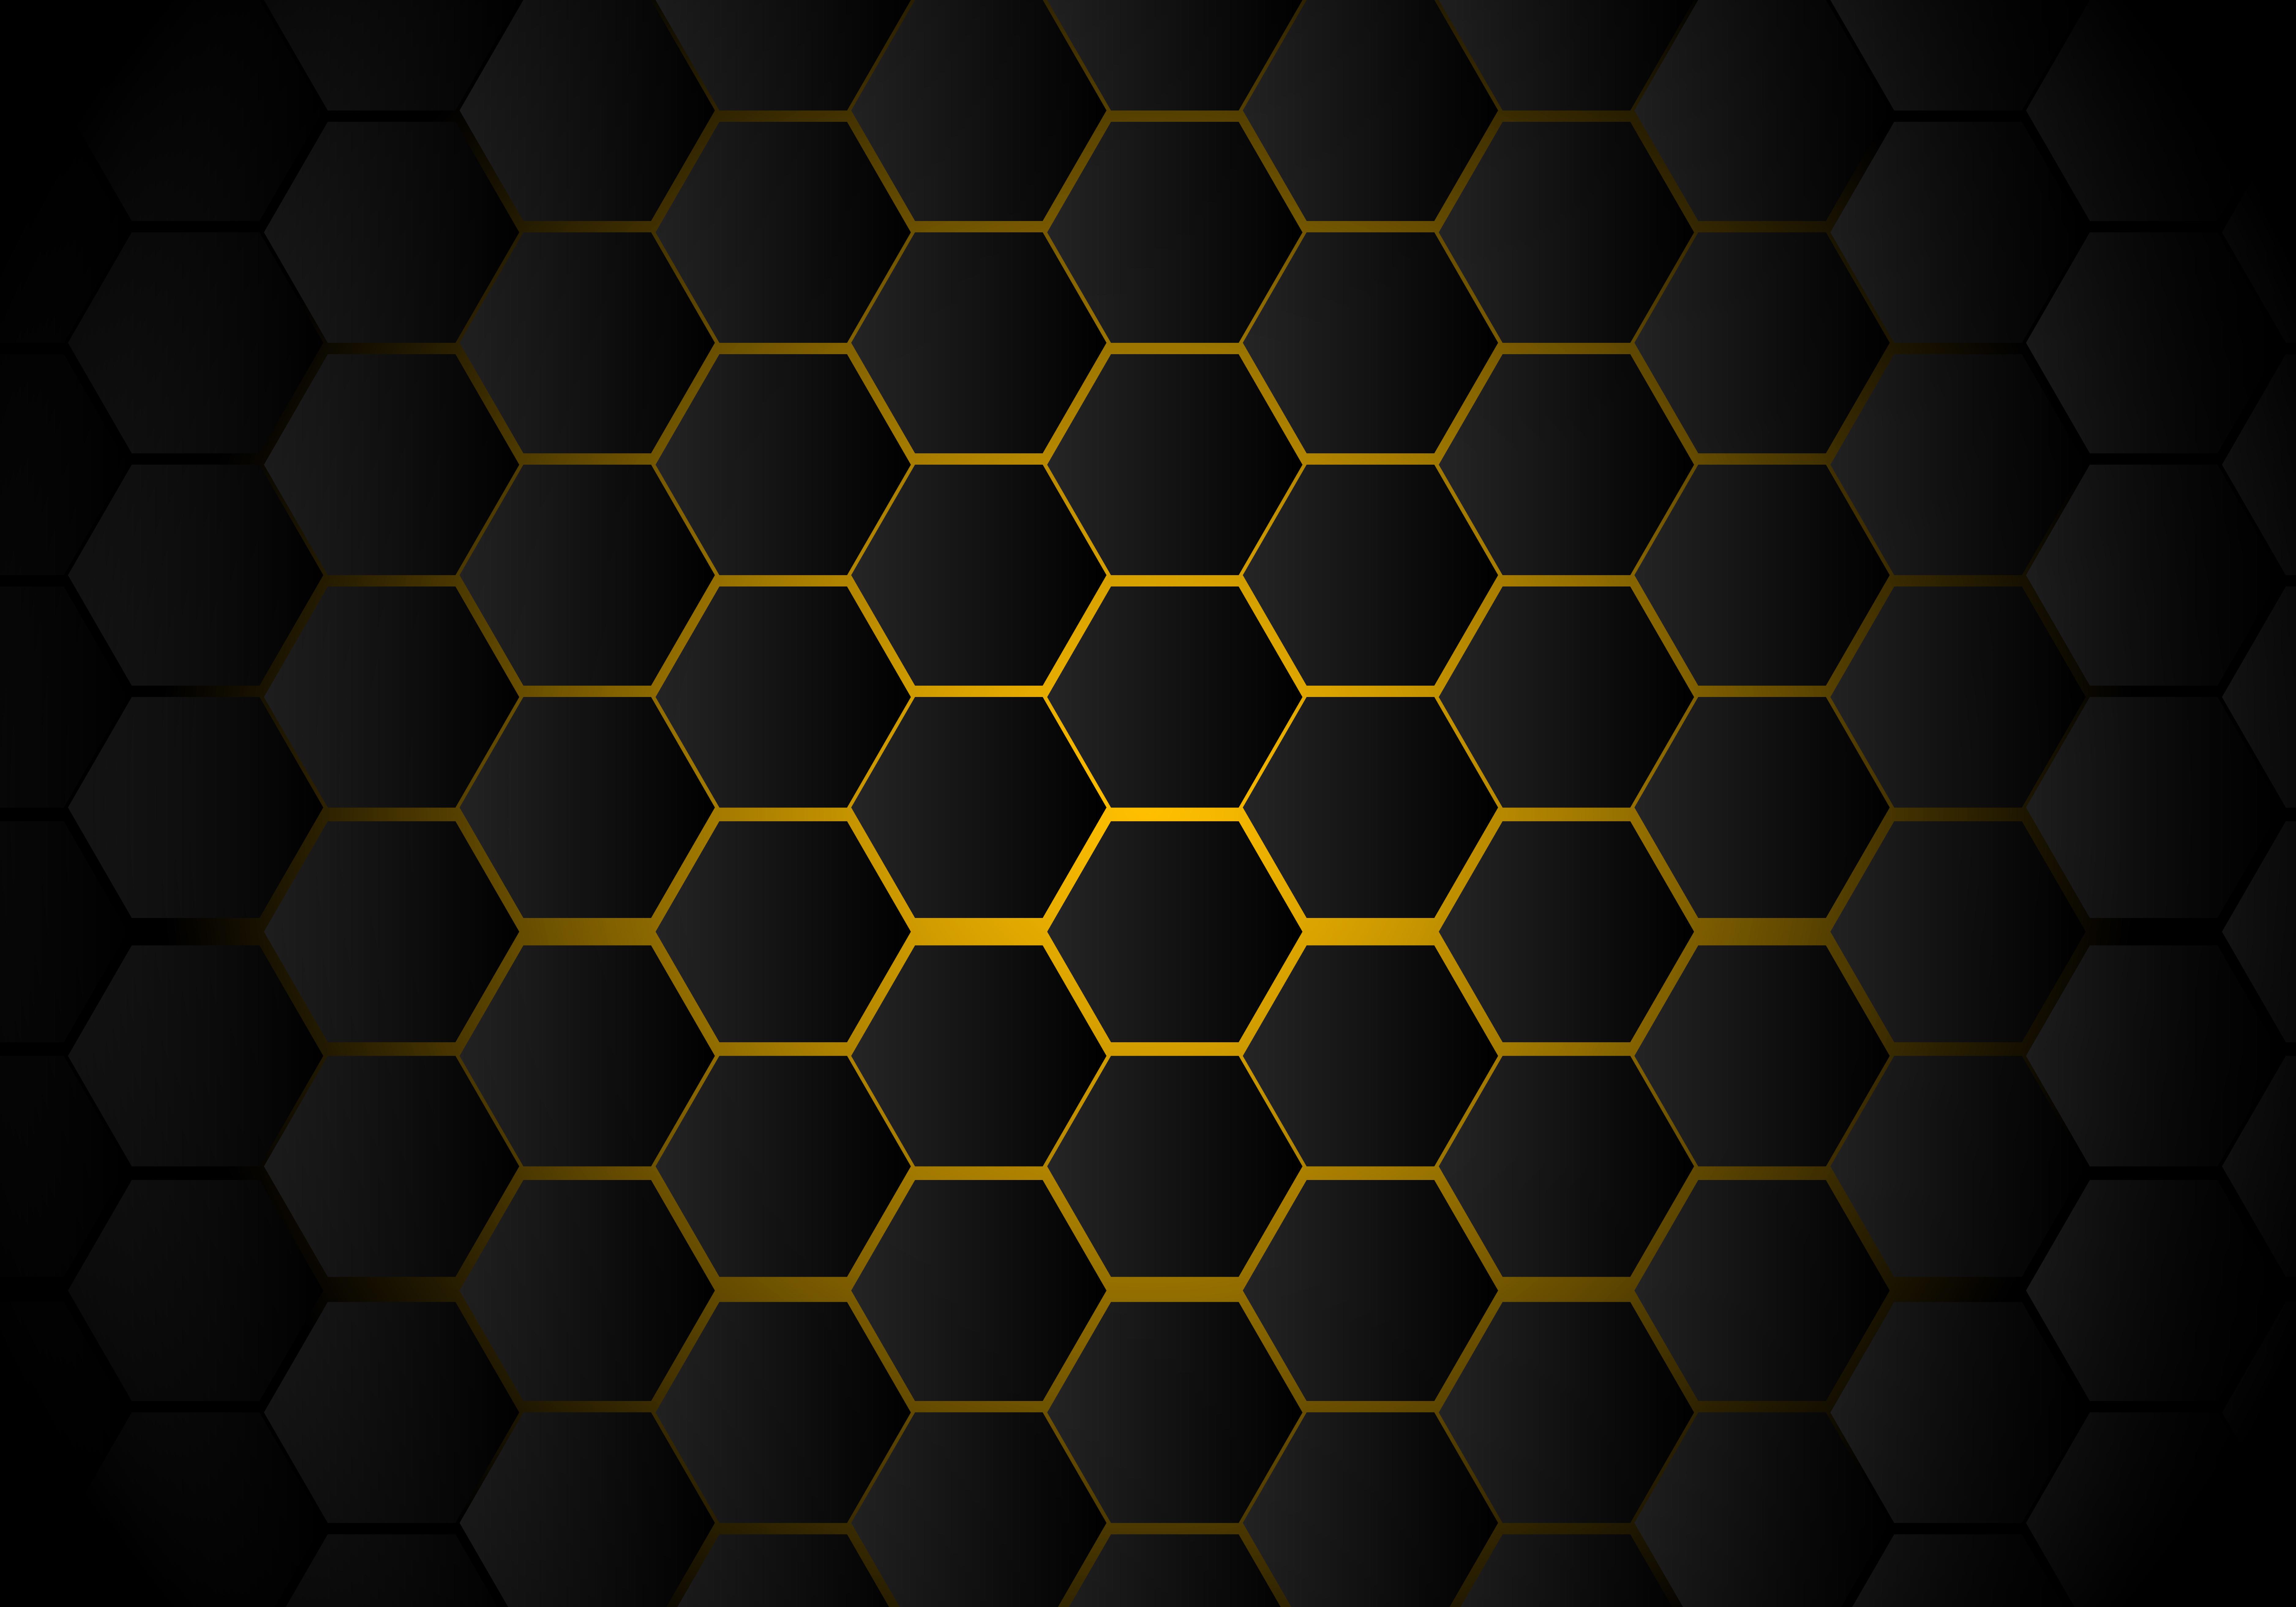 Wallpaper beehive white yellow honeycomb hexagon #ffff00 # ... |Yellow Honeycomb Wallpaper